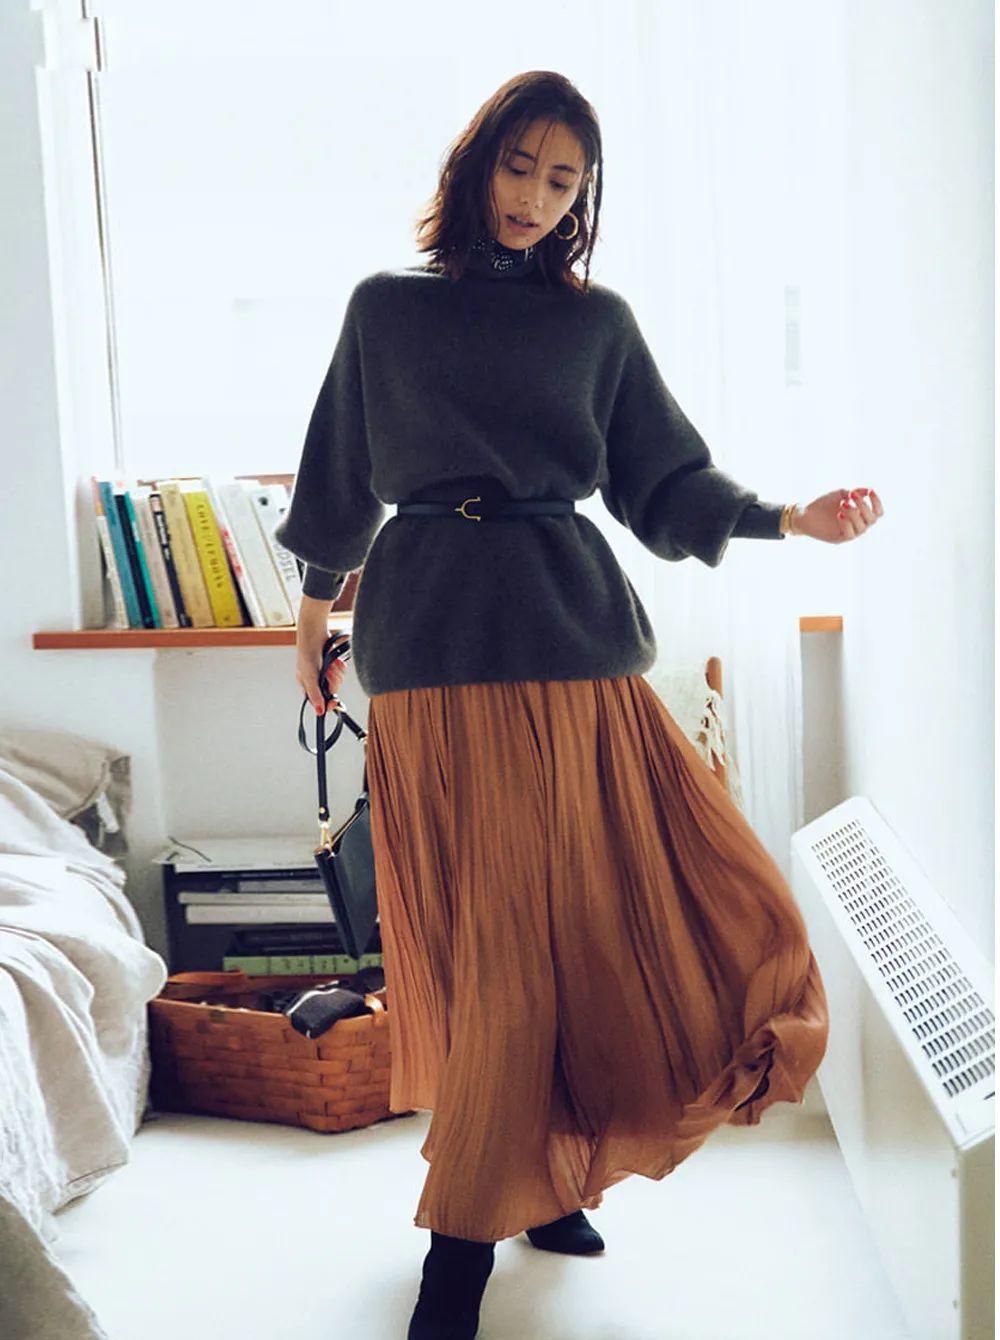 """Có 1 combo ai diện cũng đẹp vào mùa Thu đó là áo len và chân váy, nàng công sở diện đi làm hay đi chơi cũng """"hút"""" hết nấc - Ảnh 8."""